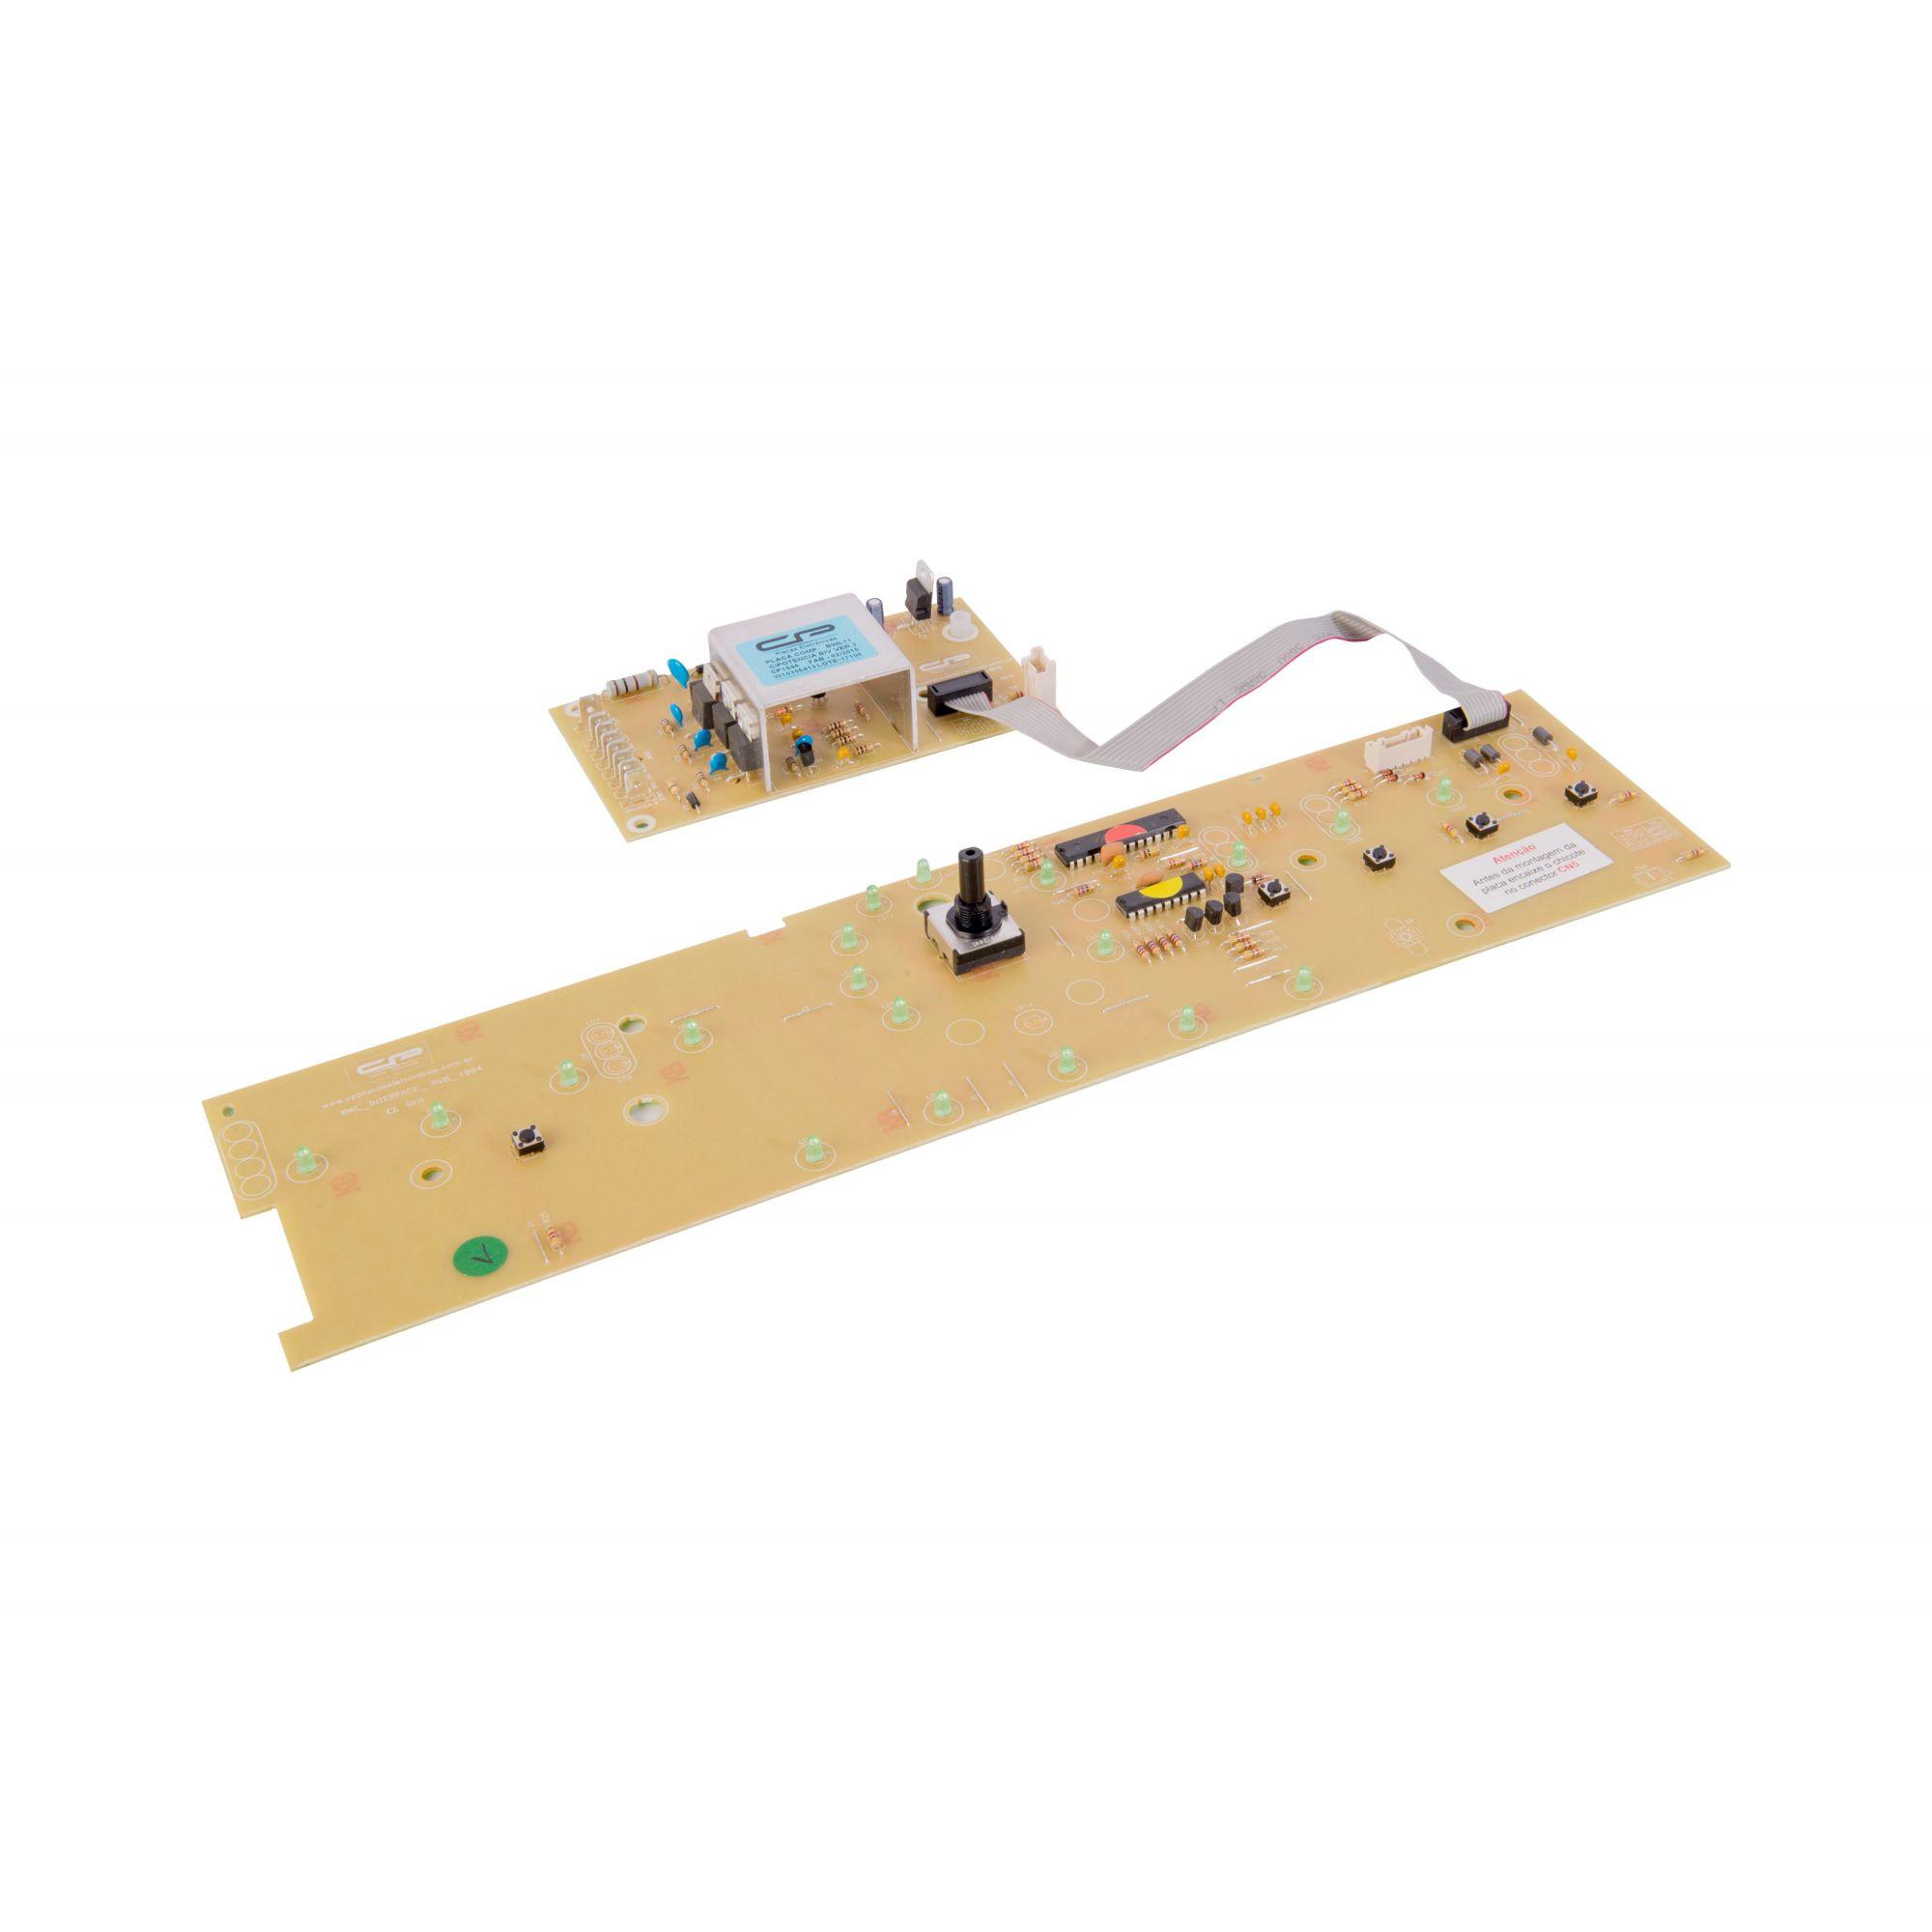 Placa Lavadora BWL11 Potência + Interface Bivolt Versão 3 (CP1044)